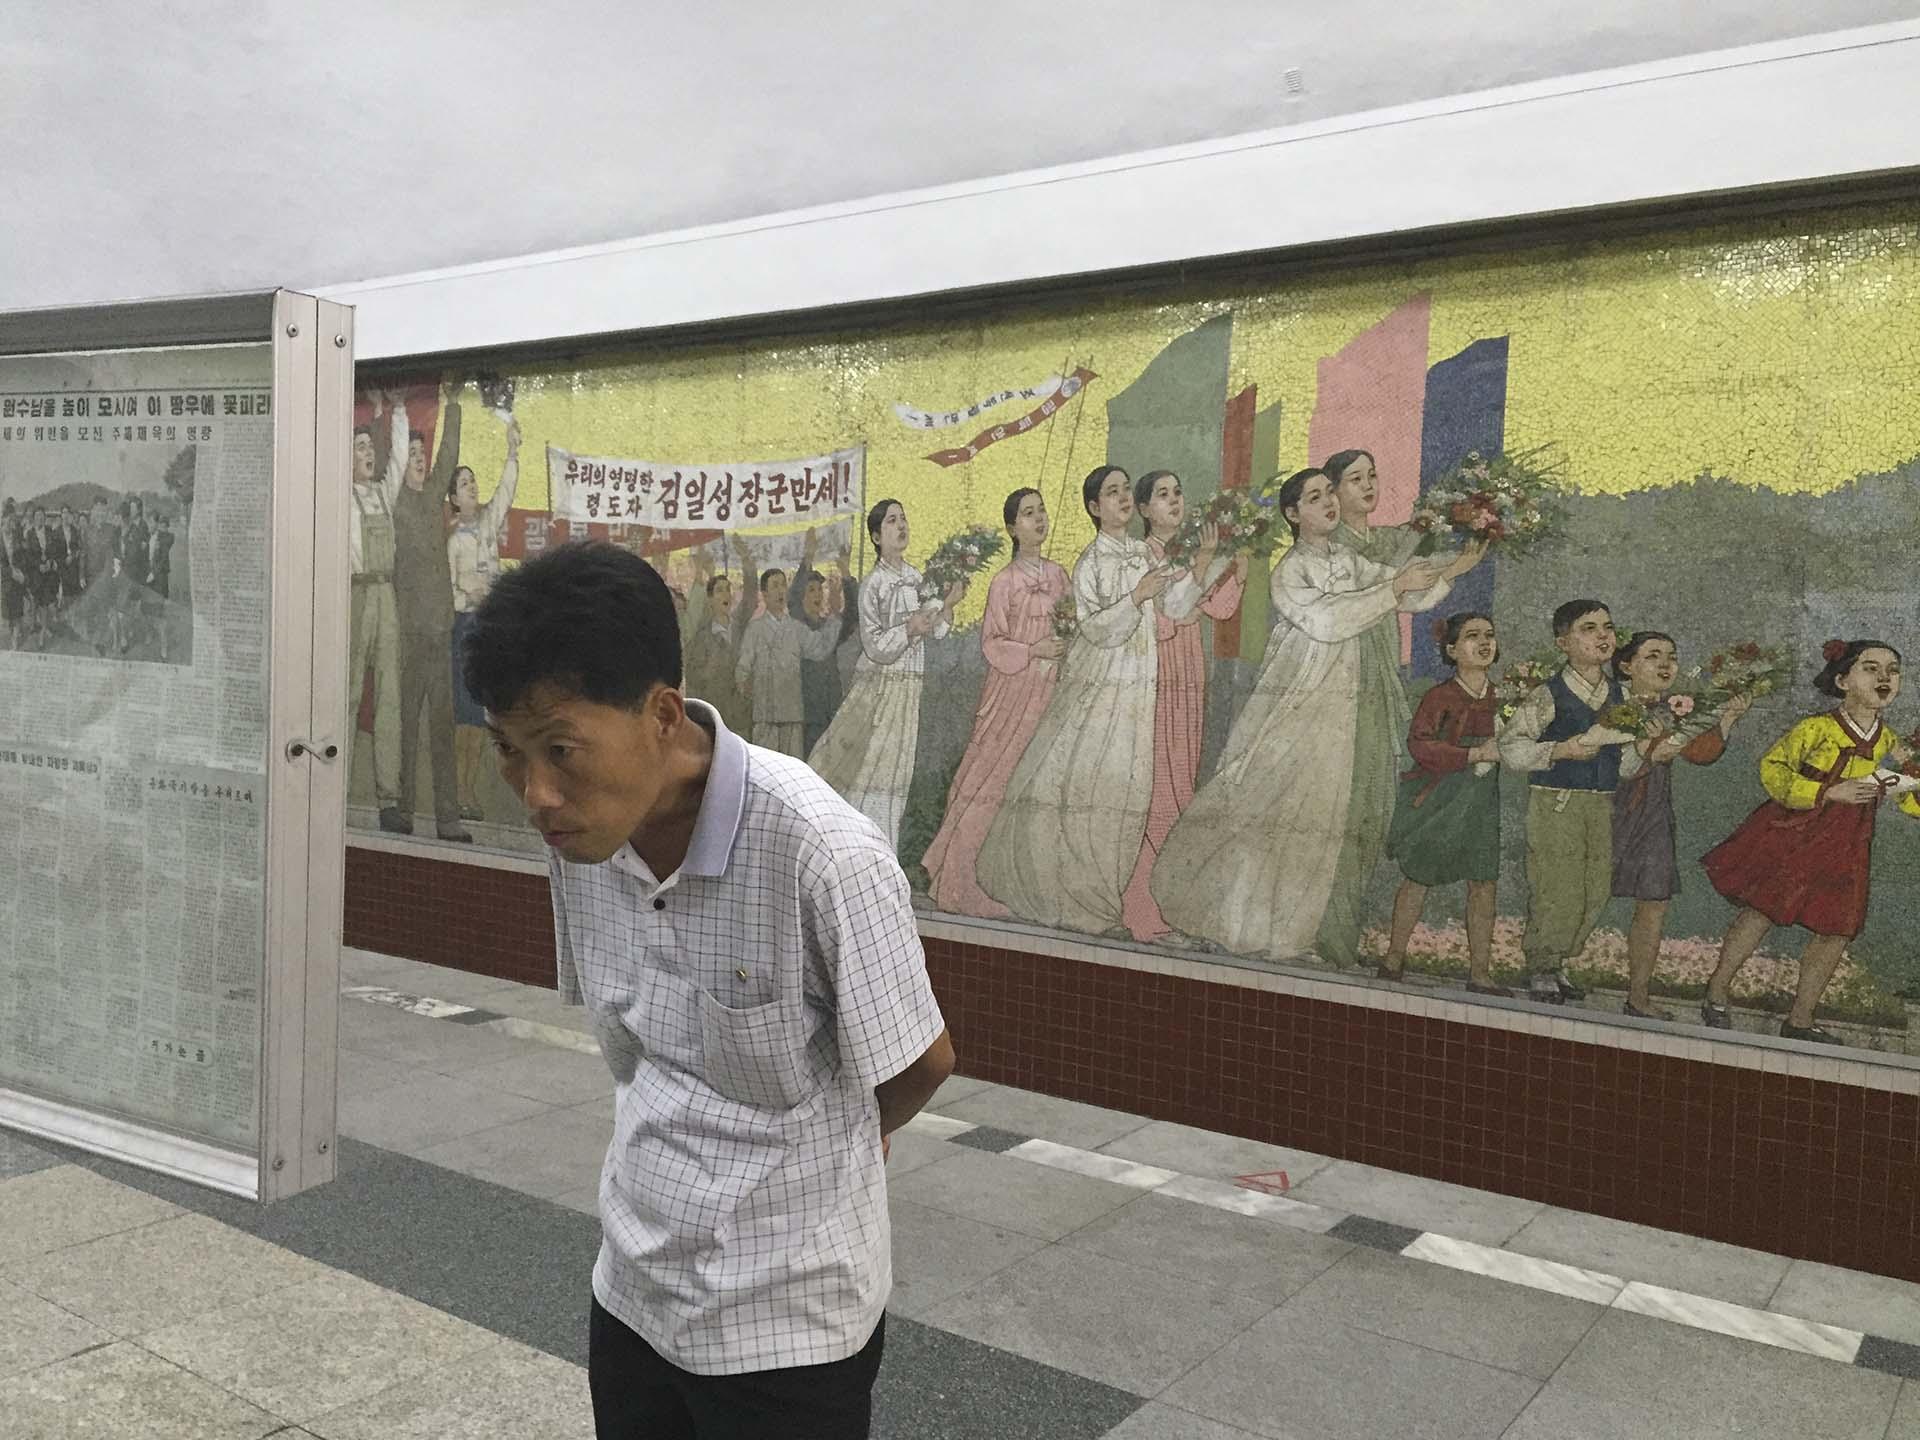 """El subterráneo de Pyongyang, construido con ayuda soviética, fue proyectado con una dosis combinada de fervor comunista y de exuberancia decorativa, y de modo que inspirasen a la clase obrera, las estaciones recibieron nombres bravíos, que no remiten a la geografía de la ciudad, sino a una entidad más relevante, la patria. En la estación Kaeson (Triunfo) de la línea 1 del subterráneo de Pyongyang, que celebra la independencia coreana de Japón en 1945, el mural reza: """"Viva nuestro extraordinariamente inteligente General Kim Il Sung"""""""